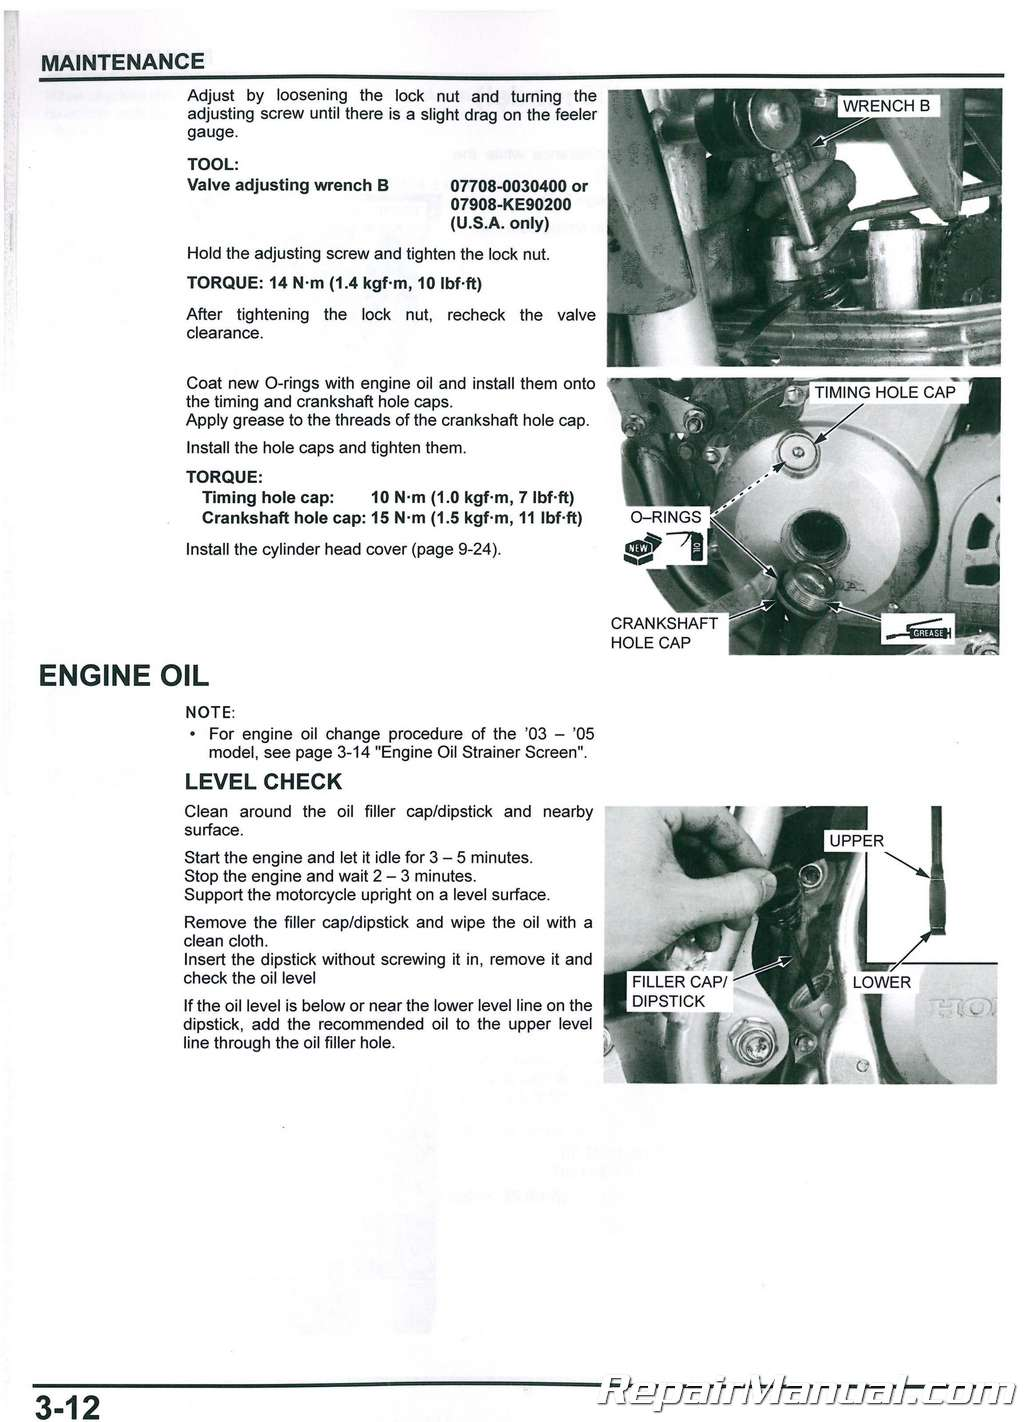 2017 Honda F12x Owners Manual